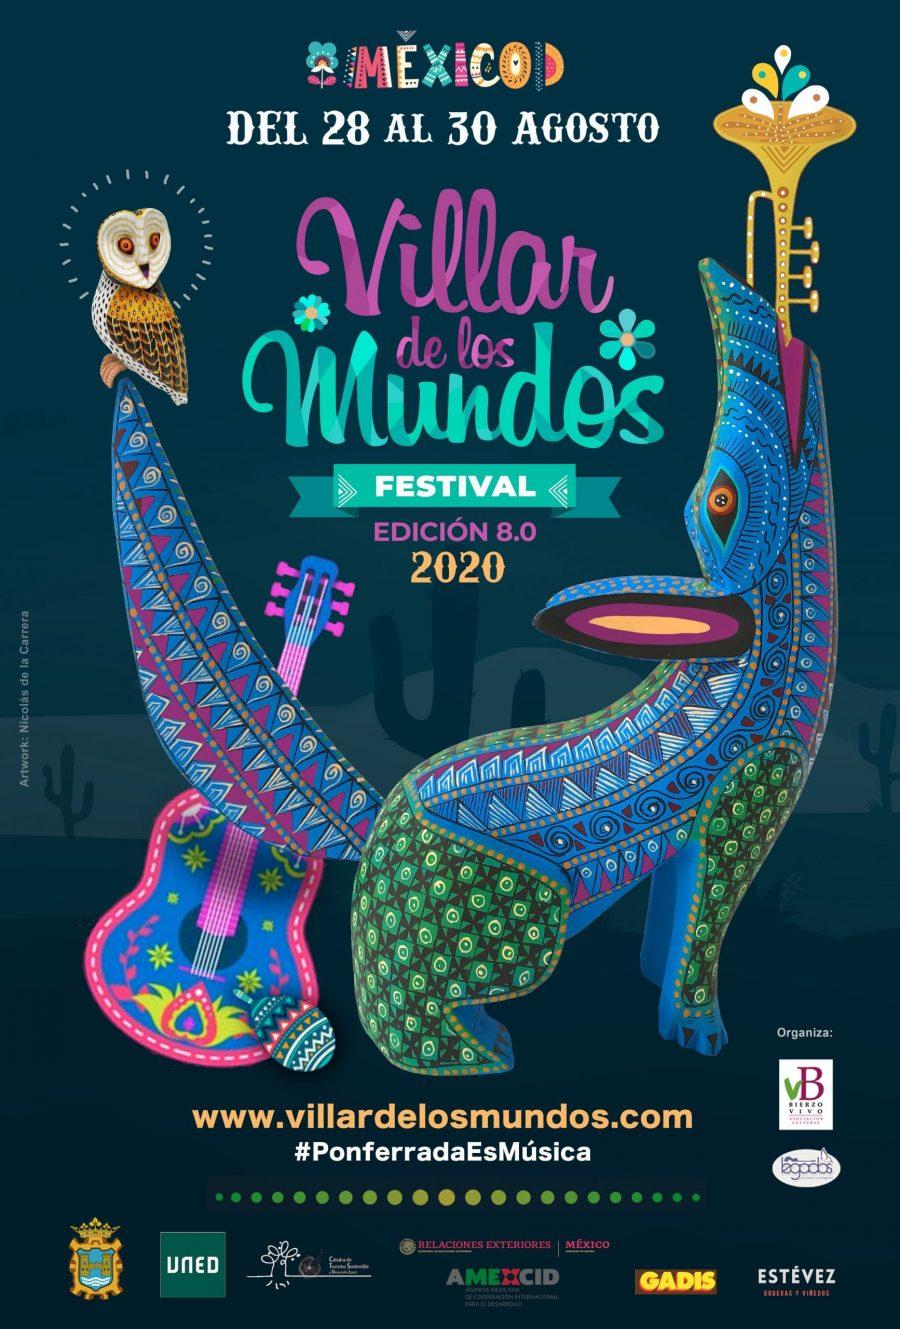 El VIII Festival Villar de los Mundos llega a finales de mes con actividades físicas y virtuales 2